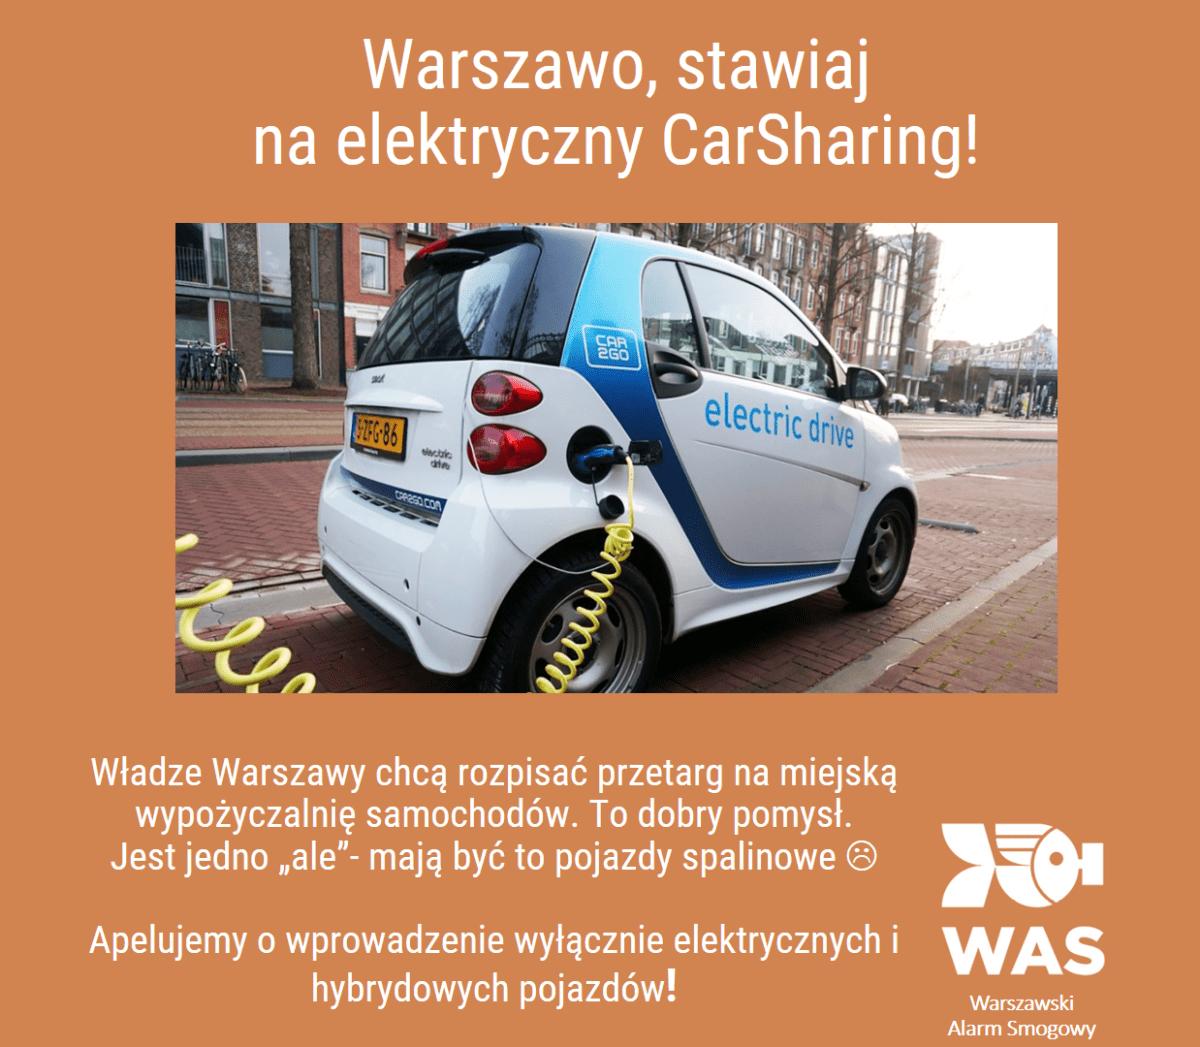 Warszawo, stawiaj naelektryczny CarSharing!